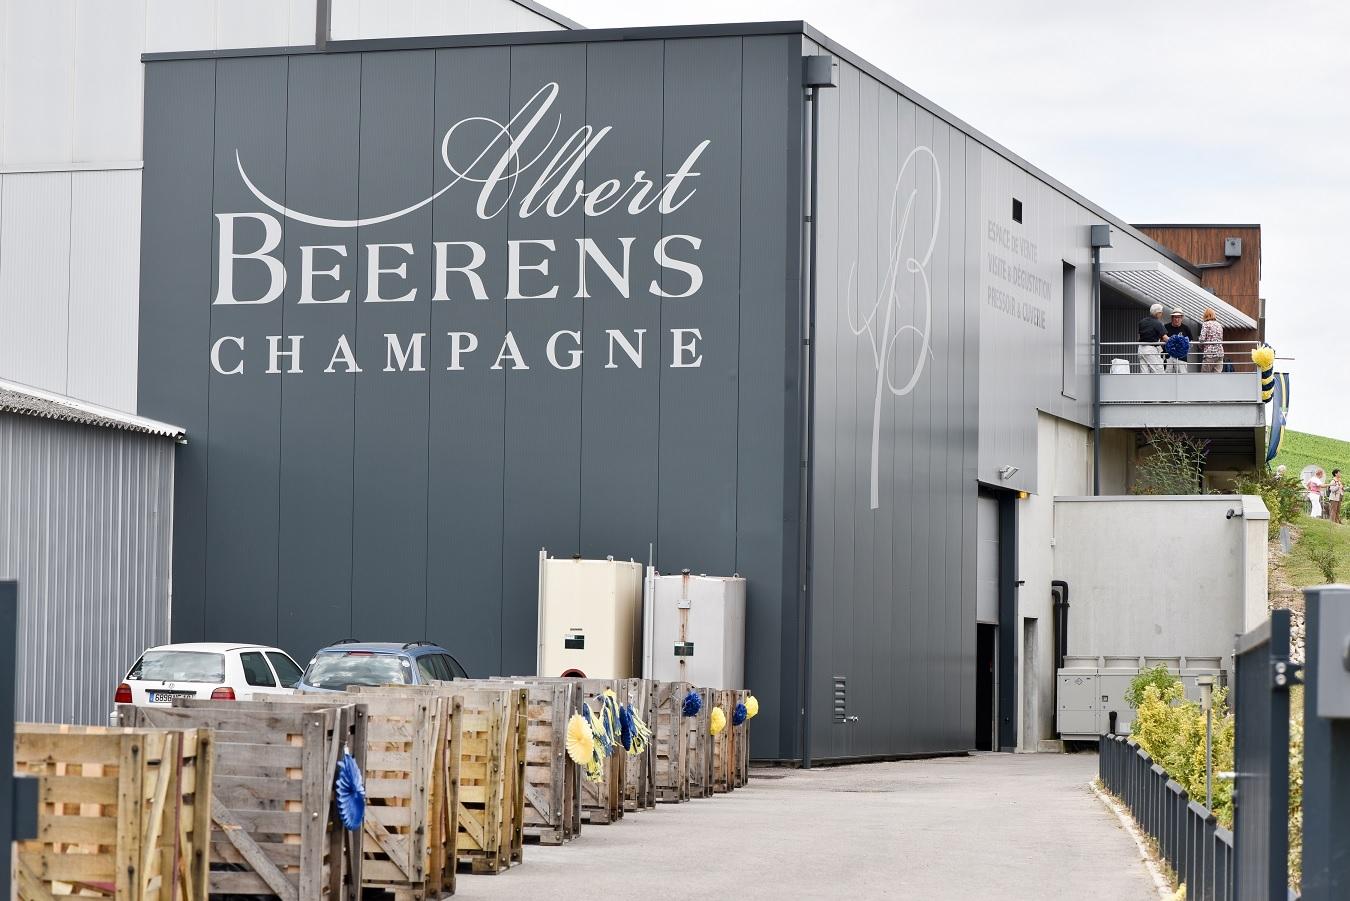 Beerens building